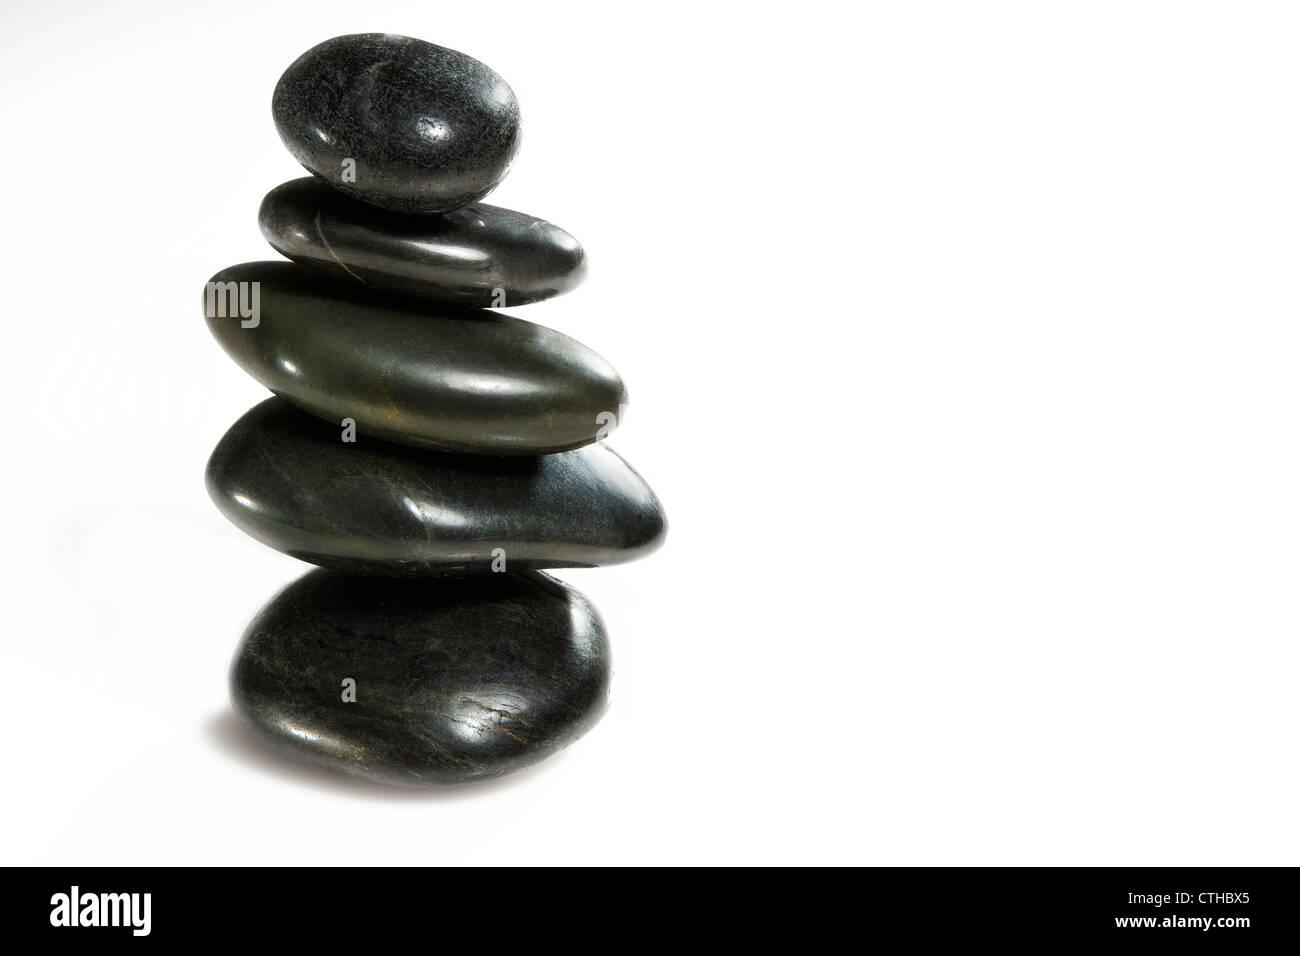 stones balanced isolated on neutral background. - Stock Image